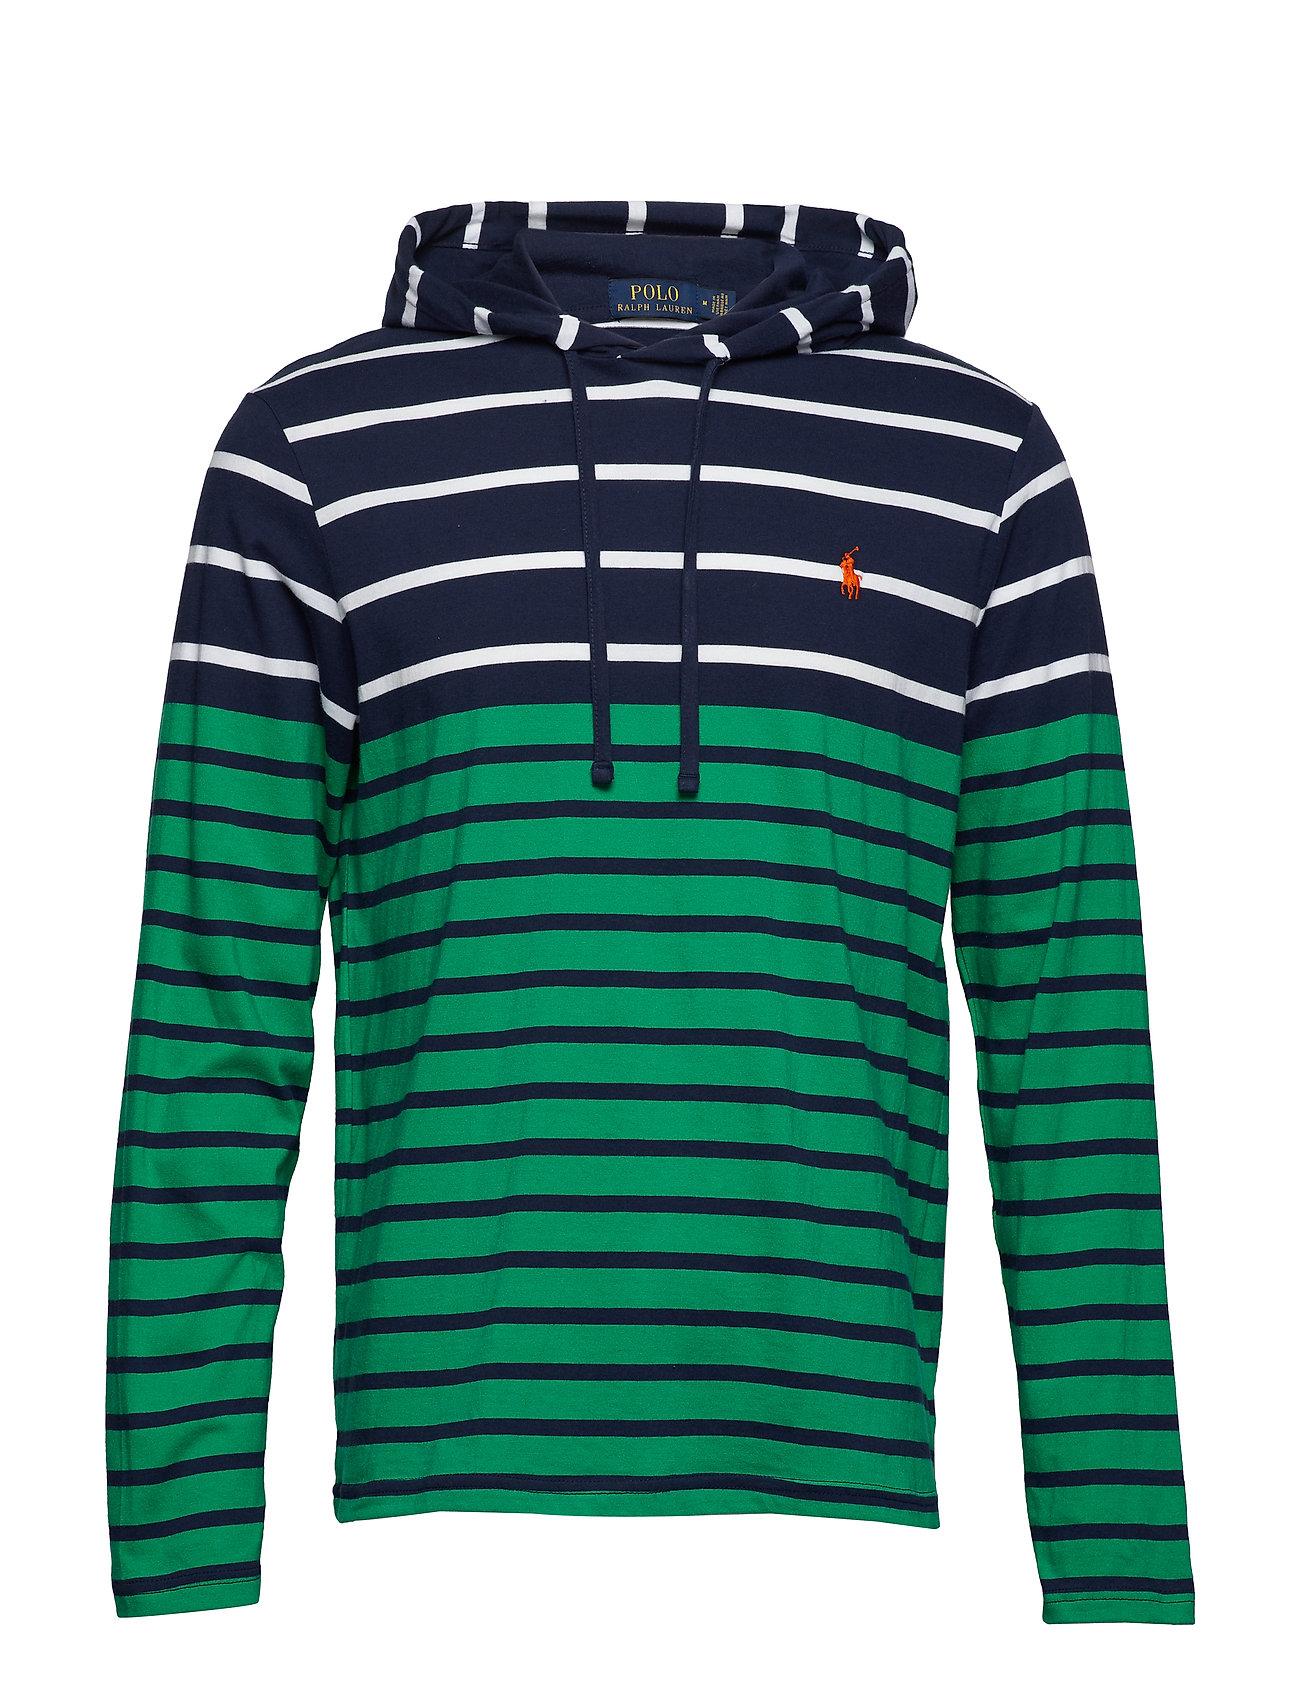 Polo Ralph Lauren Striped Cotton Hooded Tee Ögrönlar